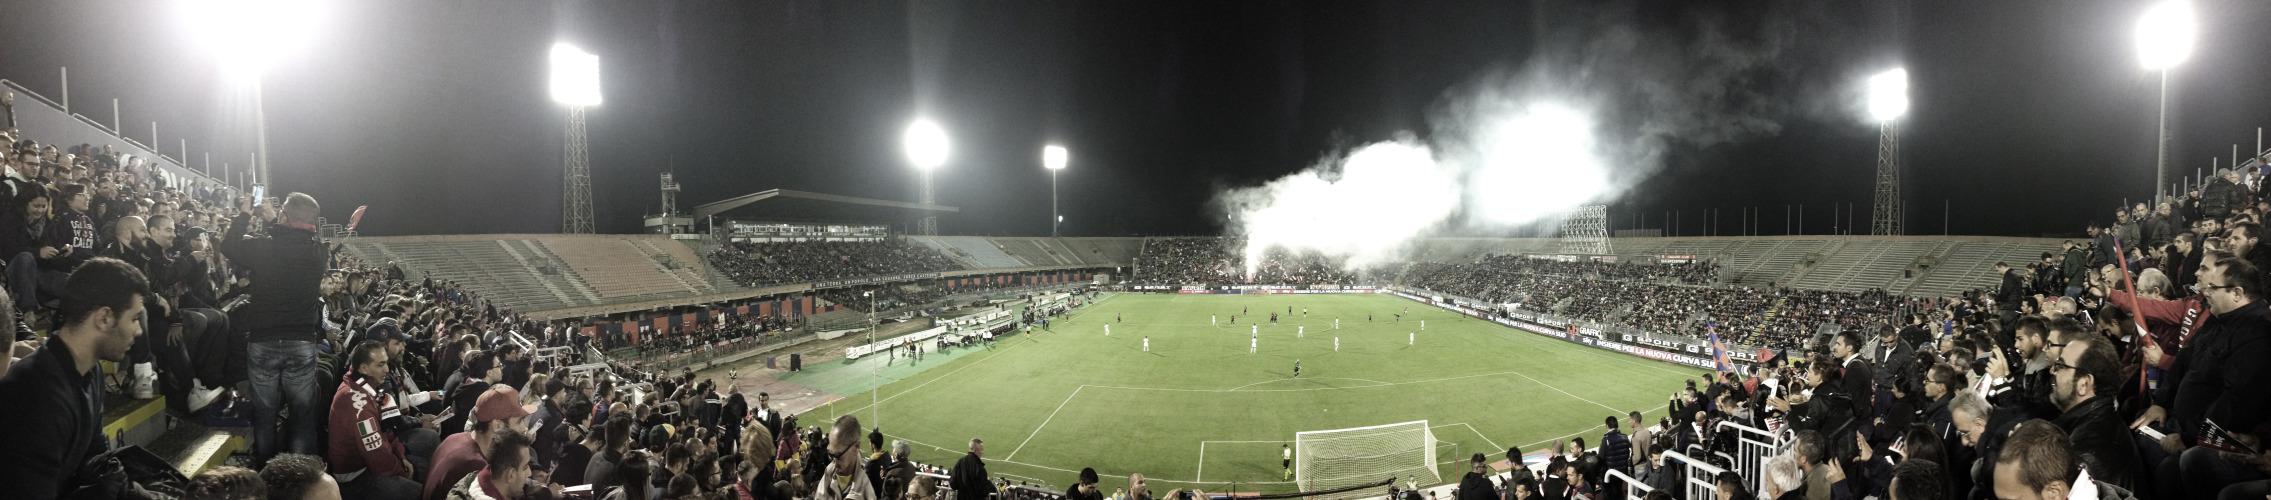 Stadio Sant'Elia - Foto di Nicolò Fenu